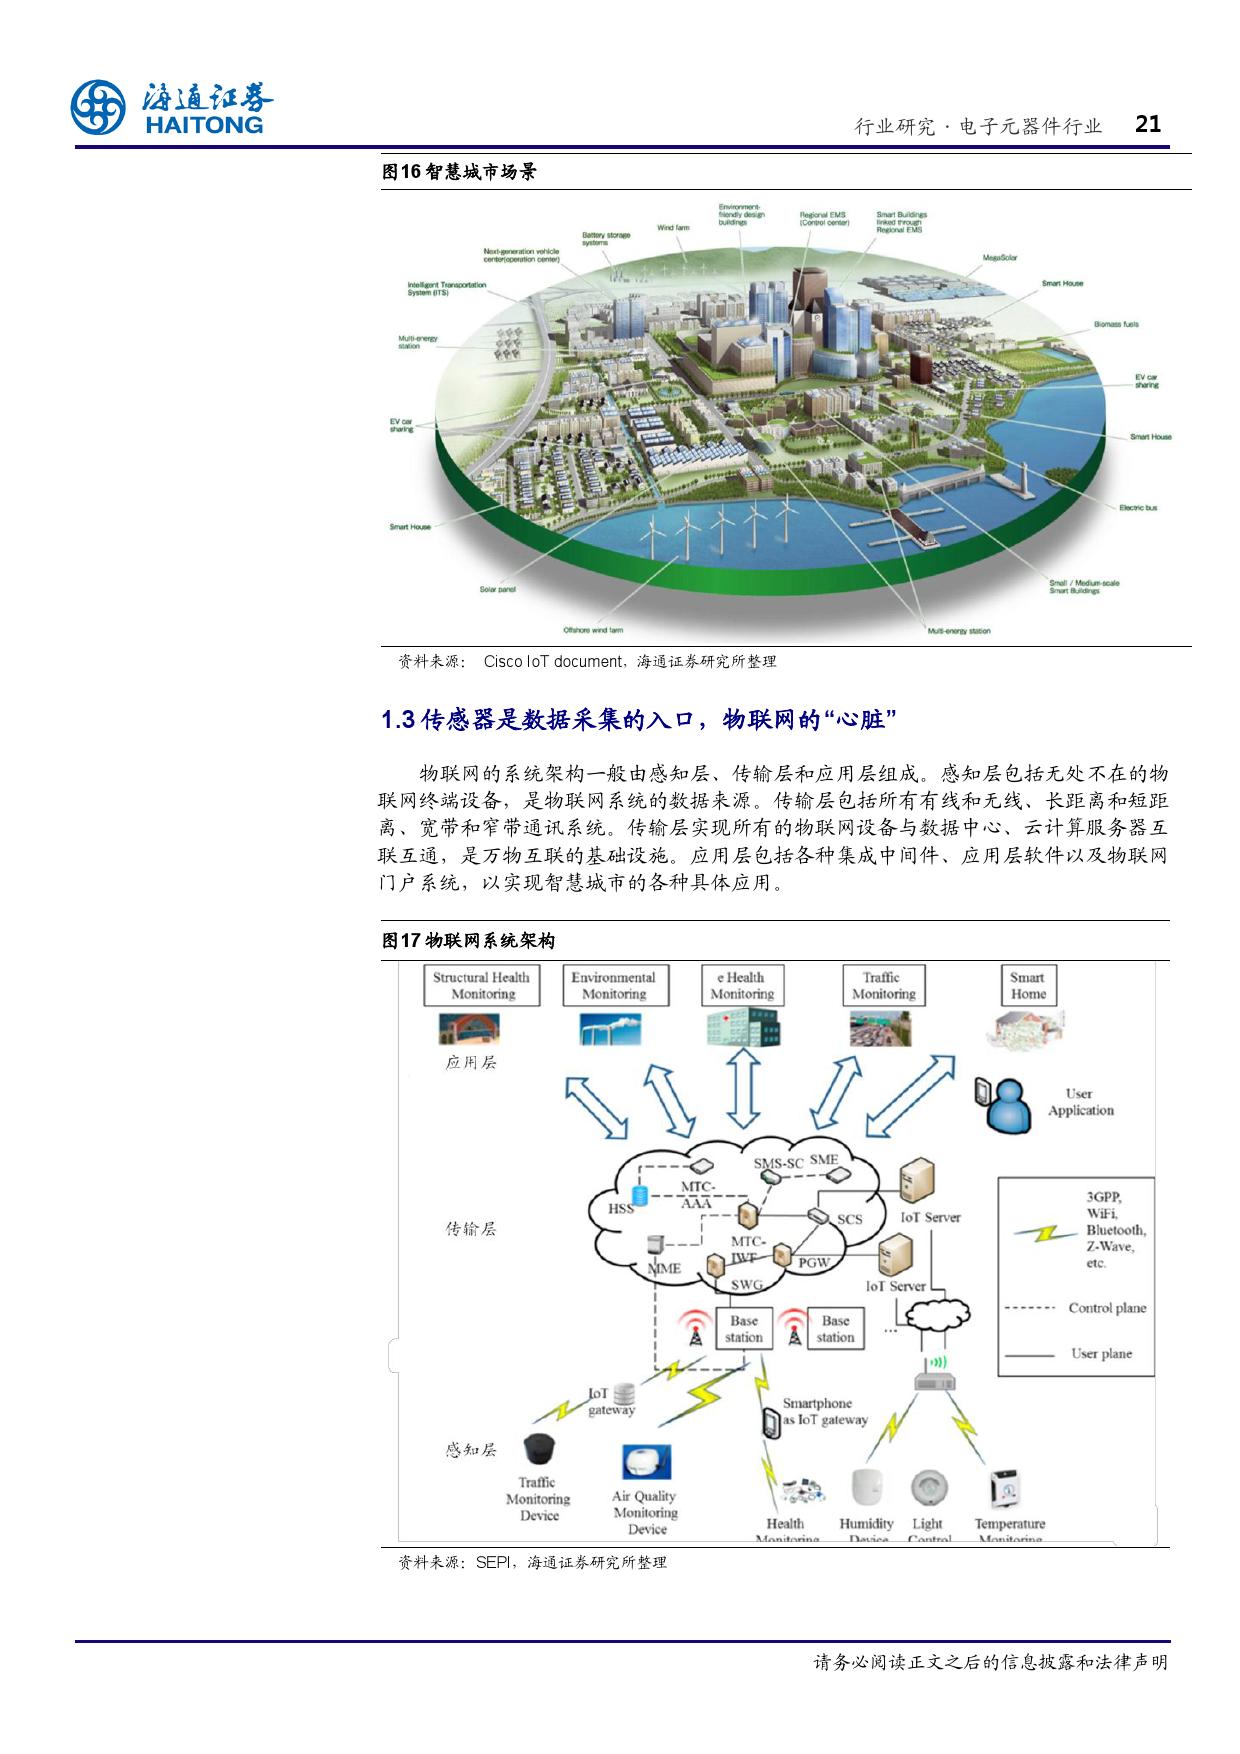 报告全解传感器全球产业链_000021